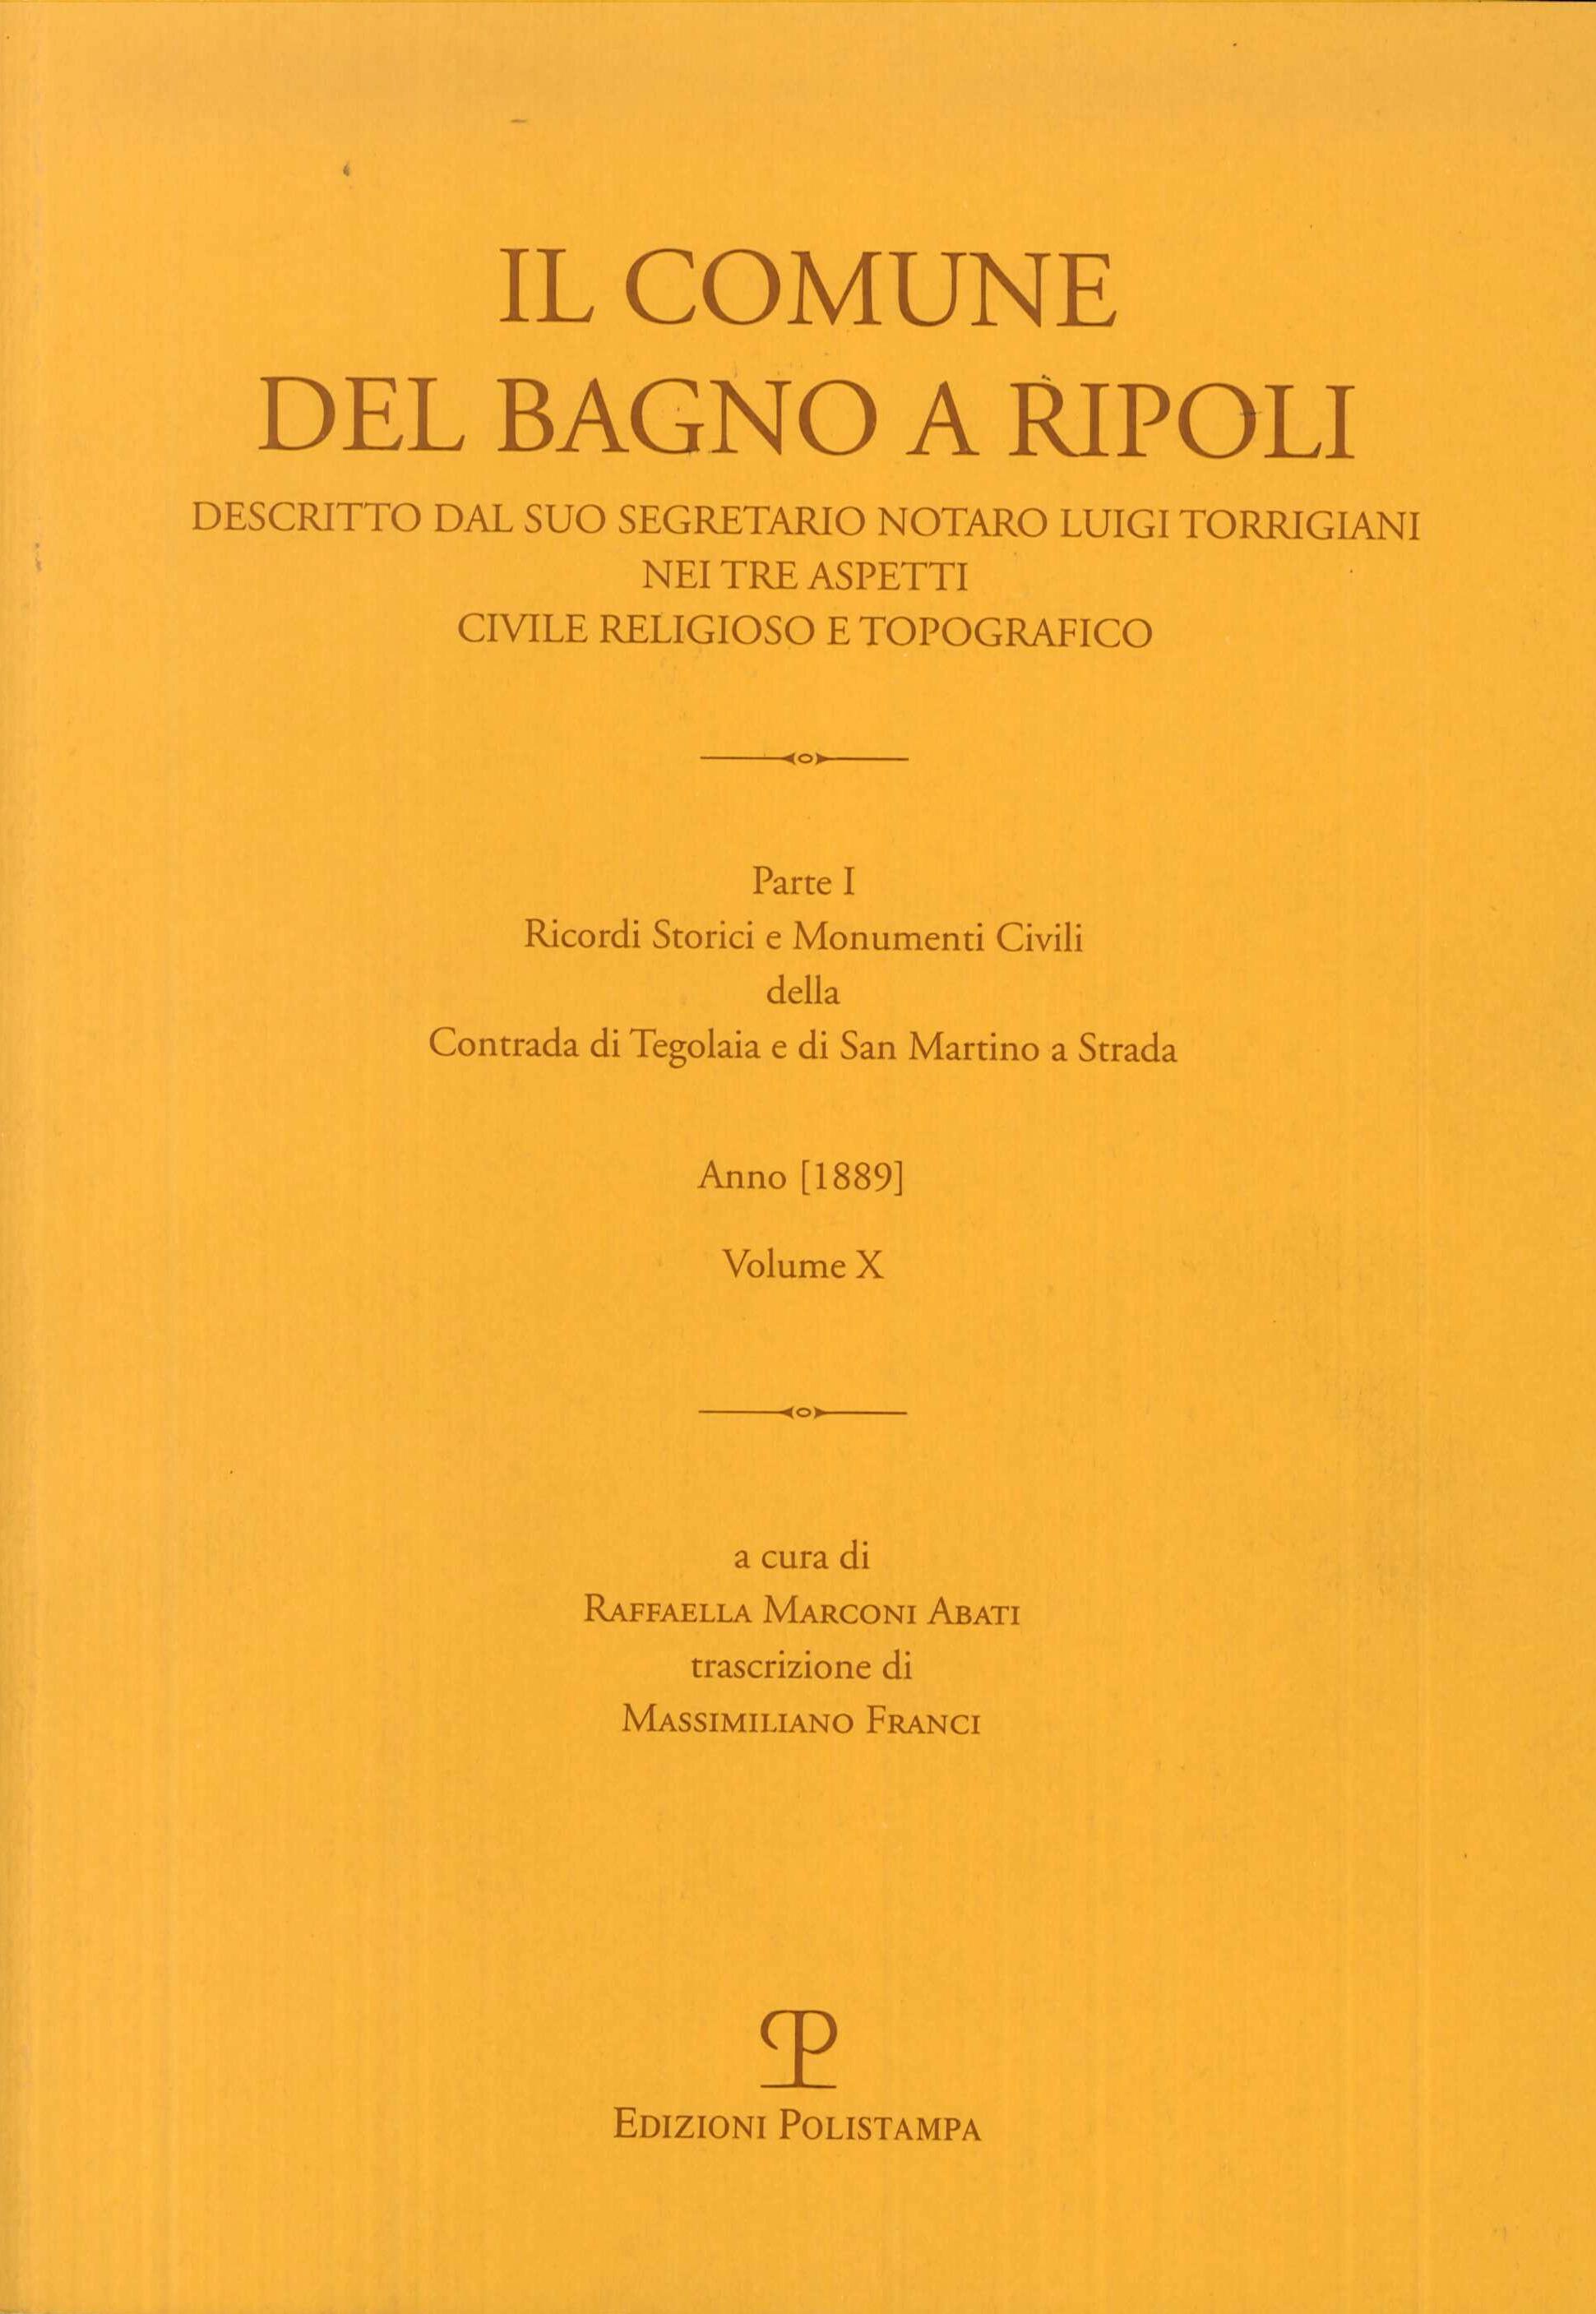 Il Comune del Bagno a Ripoli descritto dal suo Segretario Notaro Luigi Torrigiani nei tre aspetti civile religioso e topografico